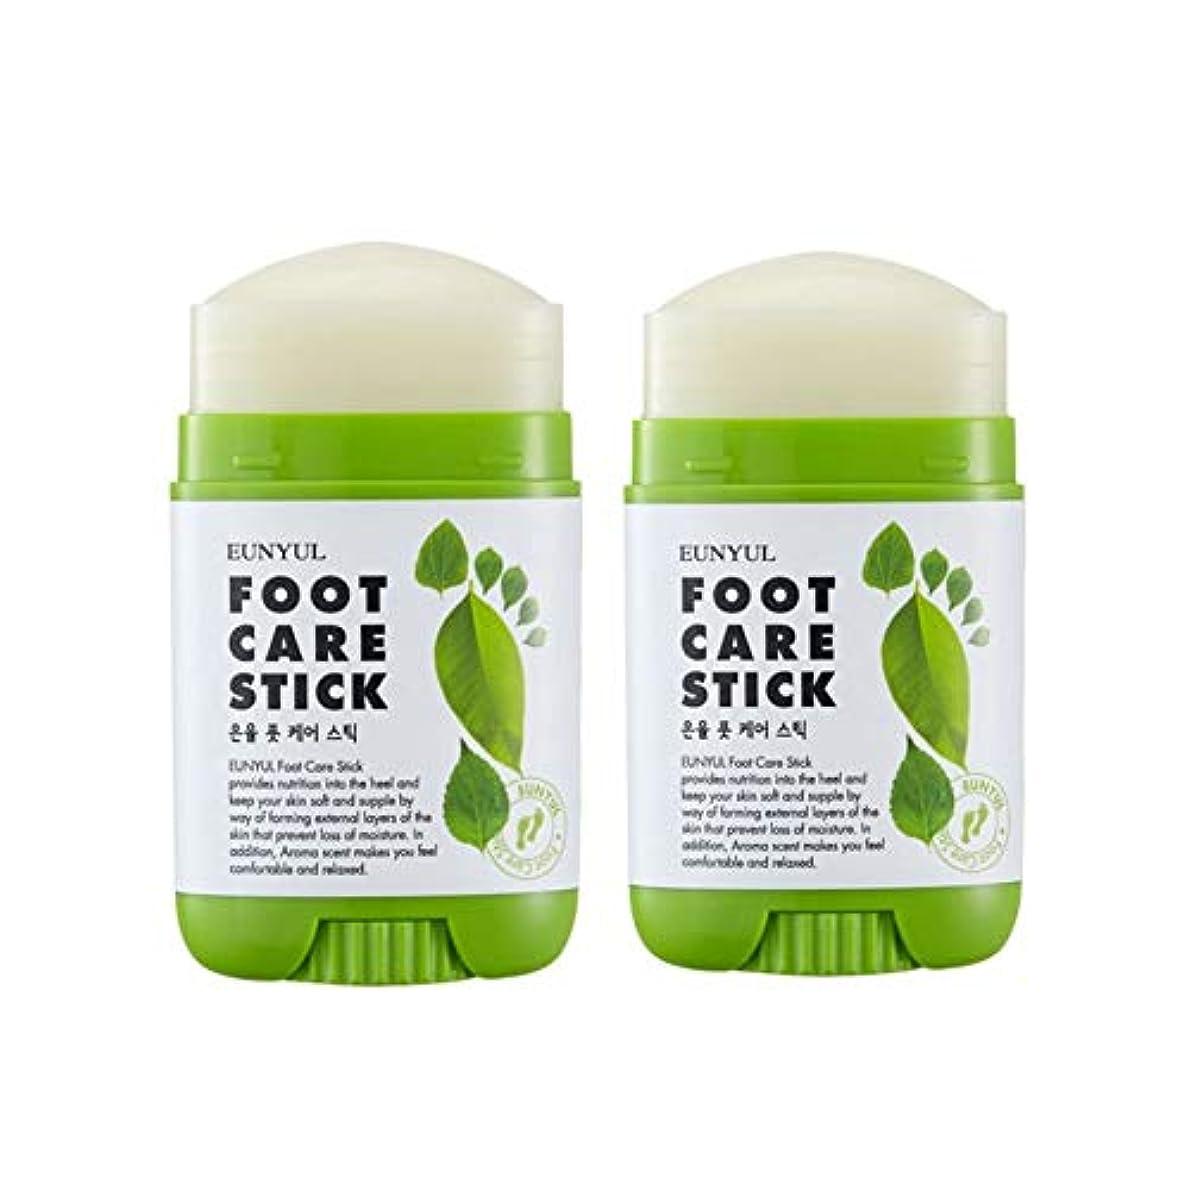 早く債権者貨物Eunyulフットケアスティック20gx2本セット韓国コスメ、Eunyul Foot Care Stick 20g x 2ea Set Korean Cosmetics [並行輸入品]